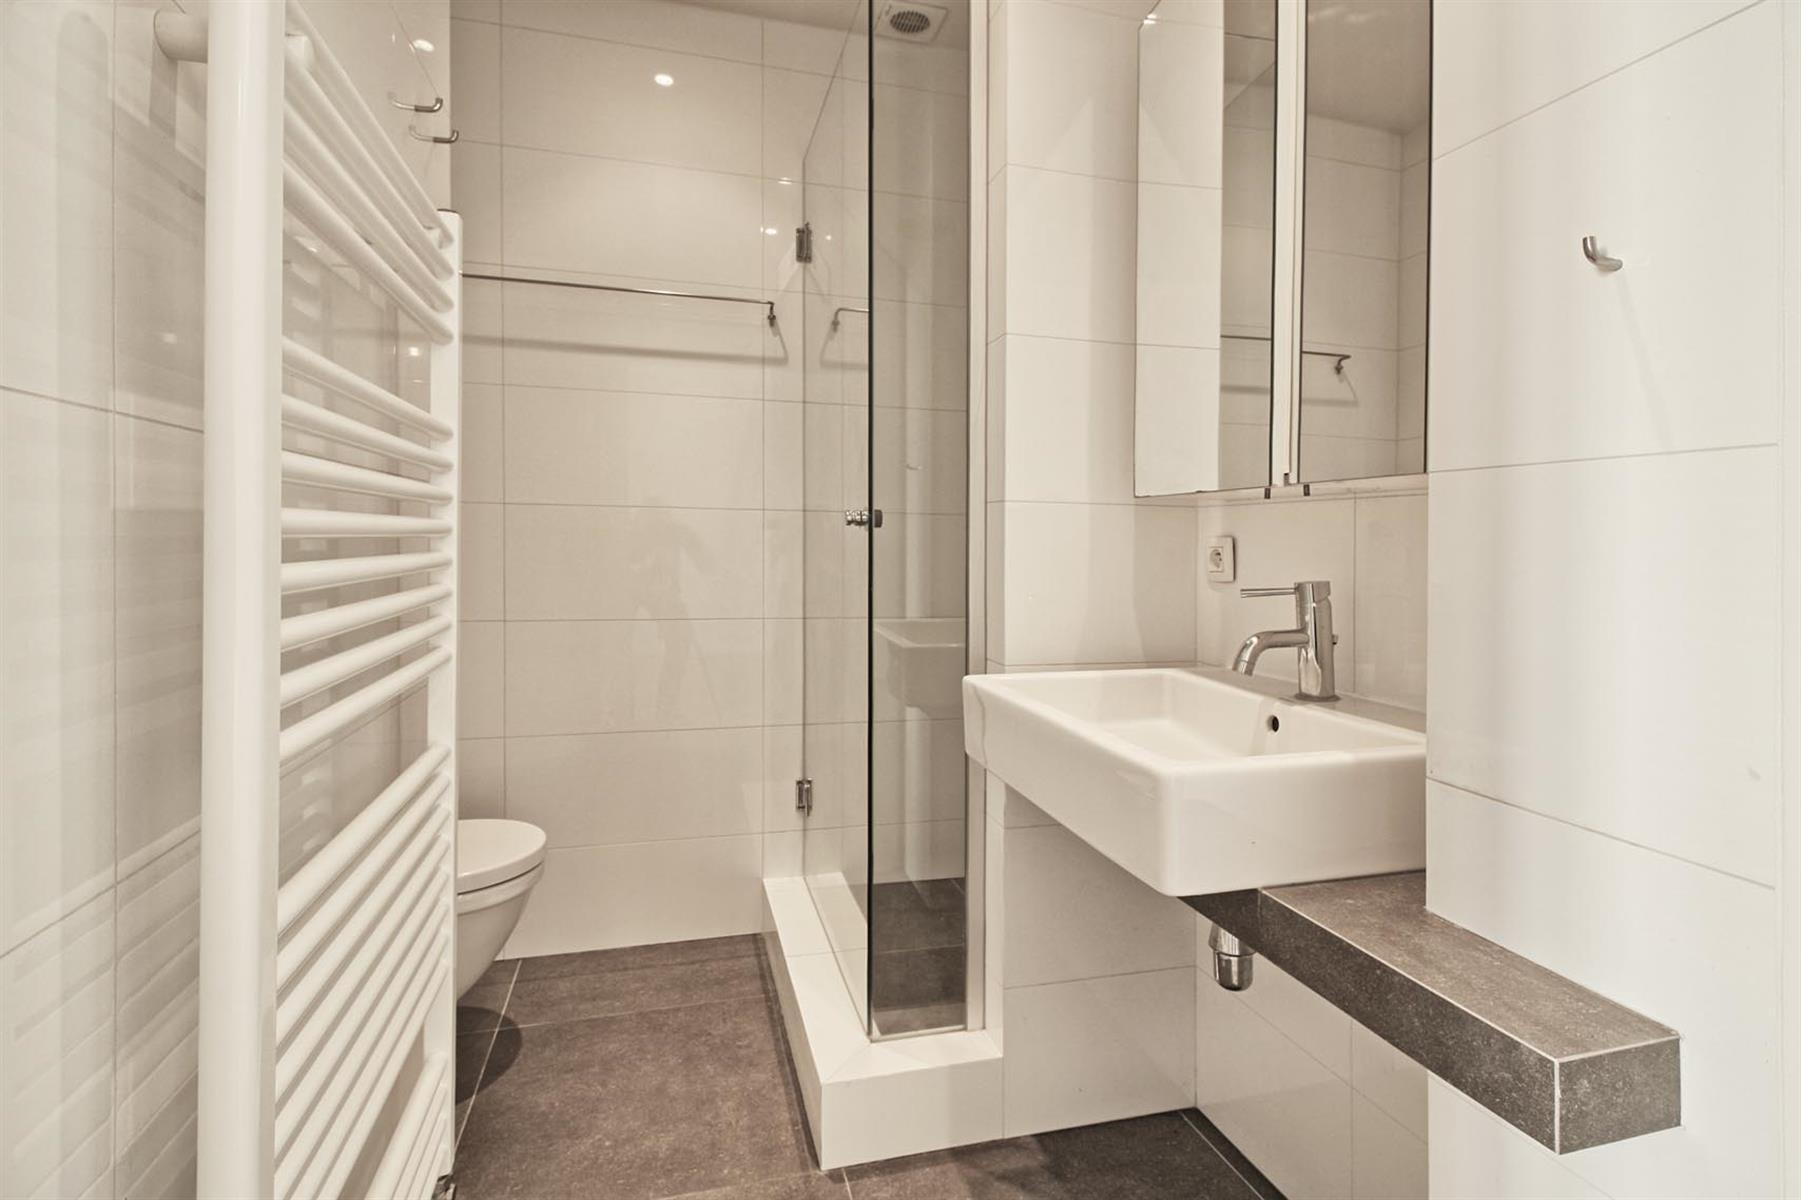 Appartement - Schaerbeek - #4289658-6